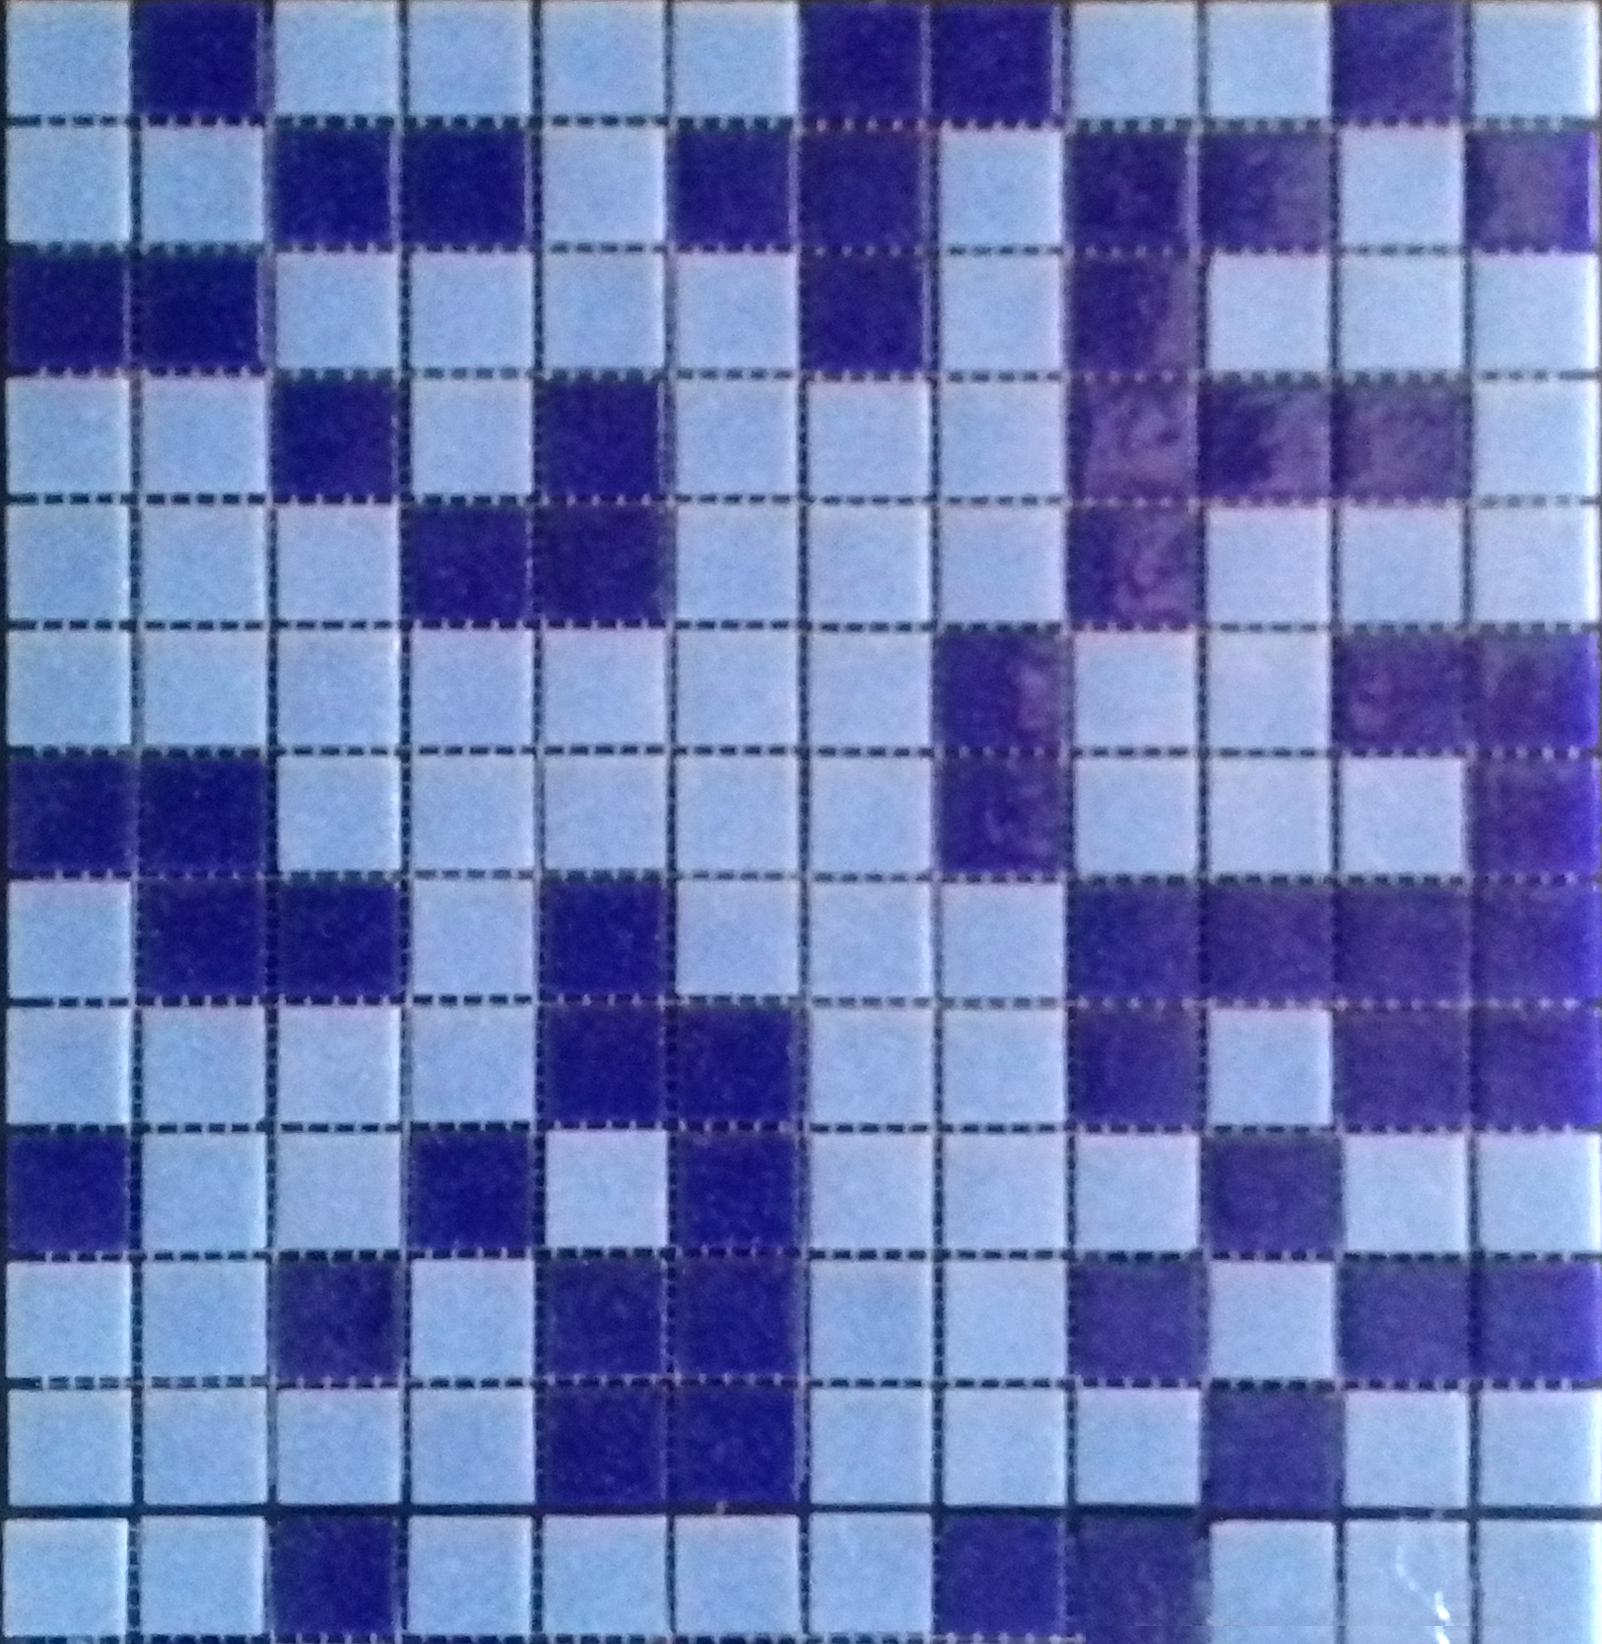 Մոզաիկա  32.1*32.1 (2.5x2.5x0.4)